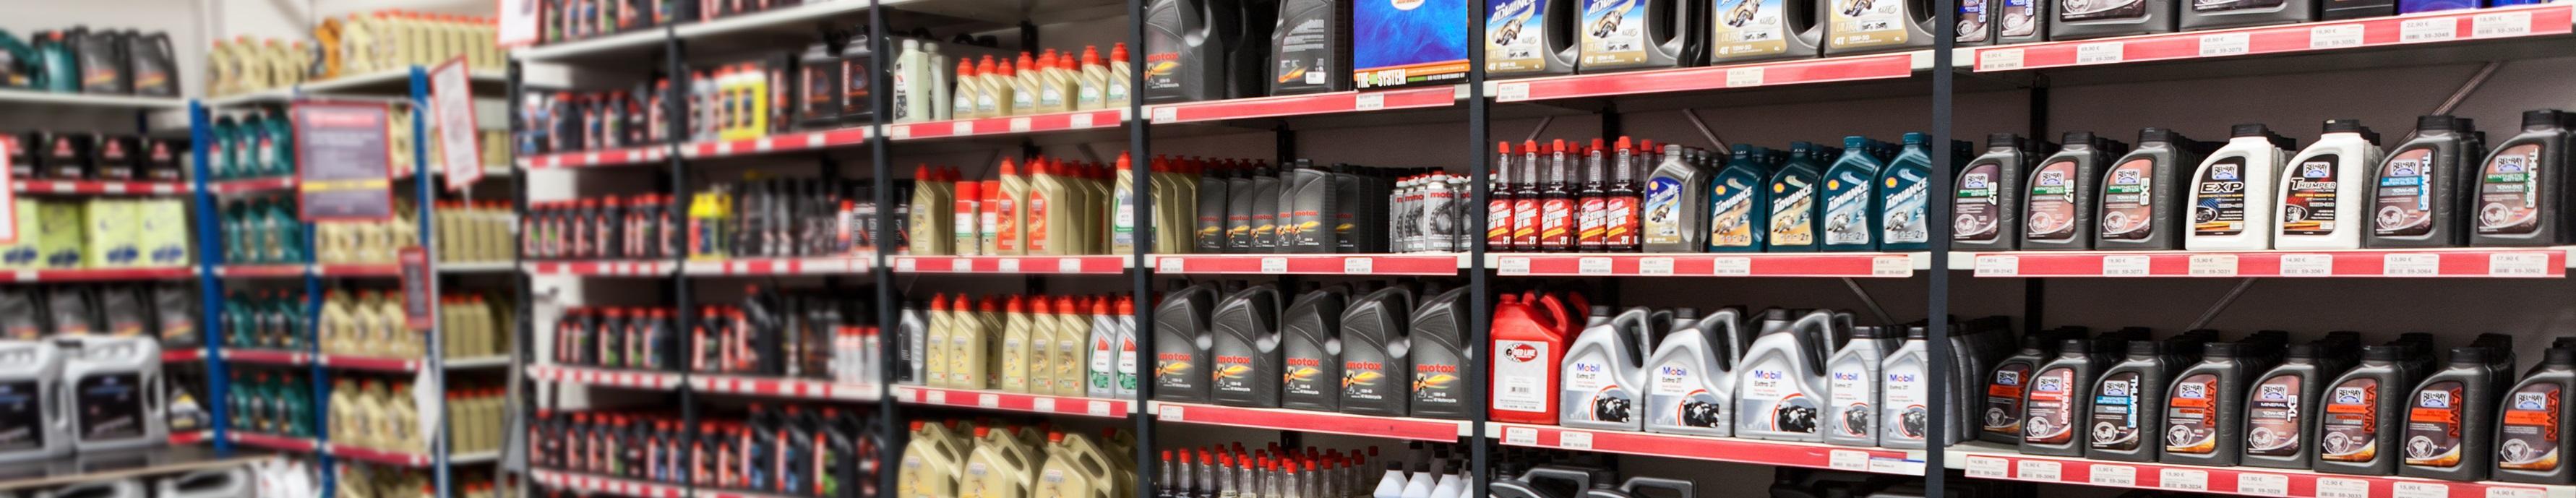 купить моторное масло в Калининграде